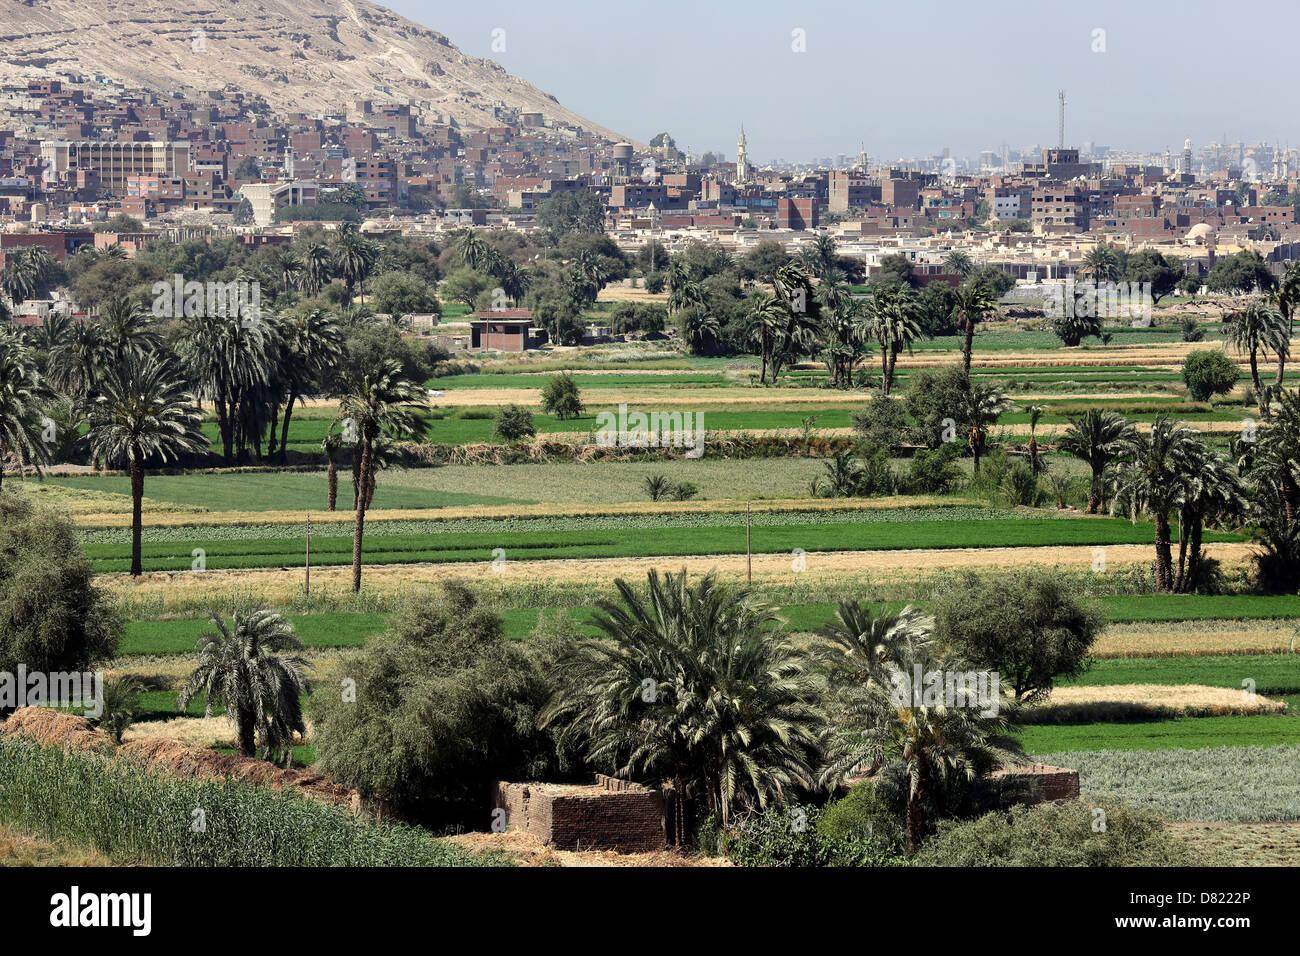 Agricoltura I campi di grano che circondano la città di Assiut (fondo), l'Alto Egitto Immagini Stock